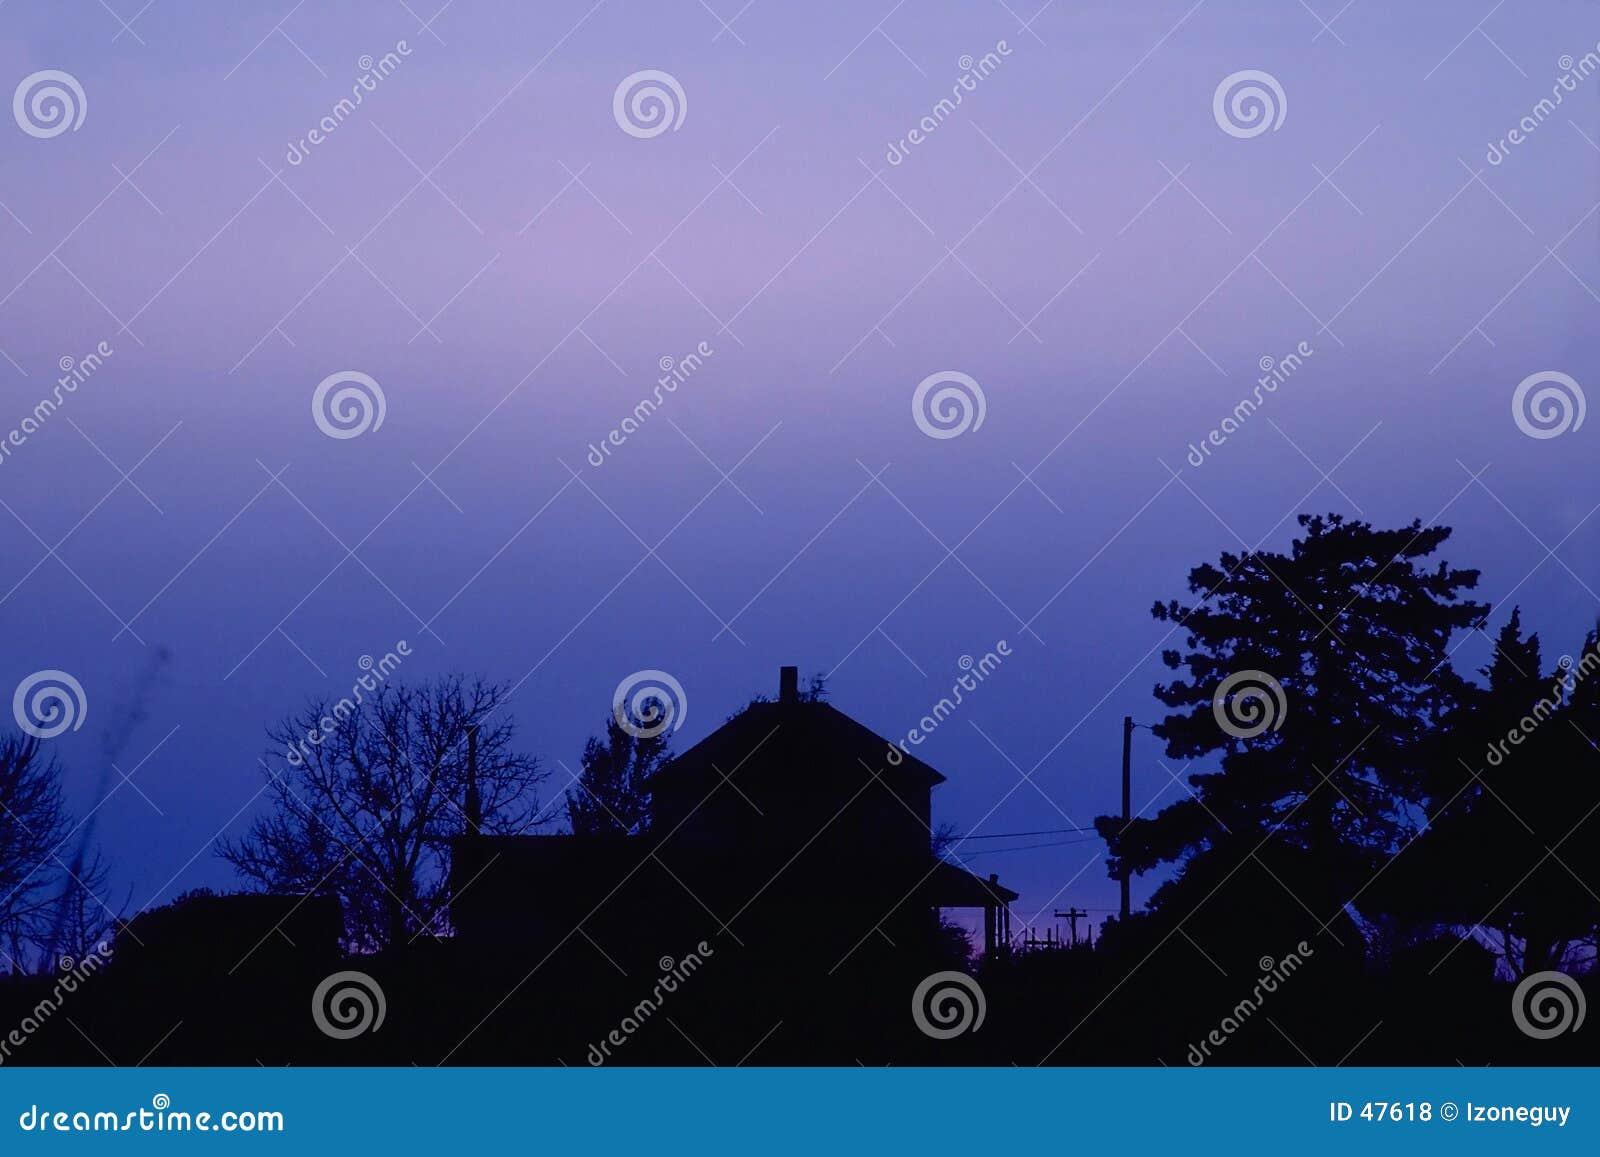 Farmhouse at Dusk